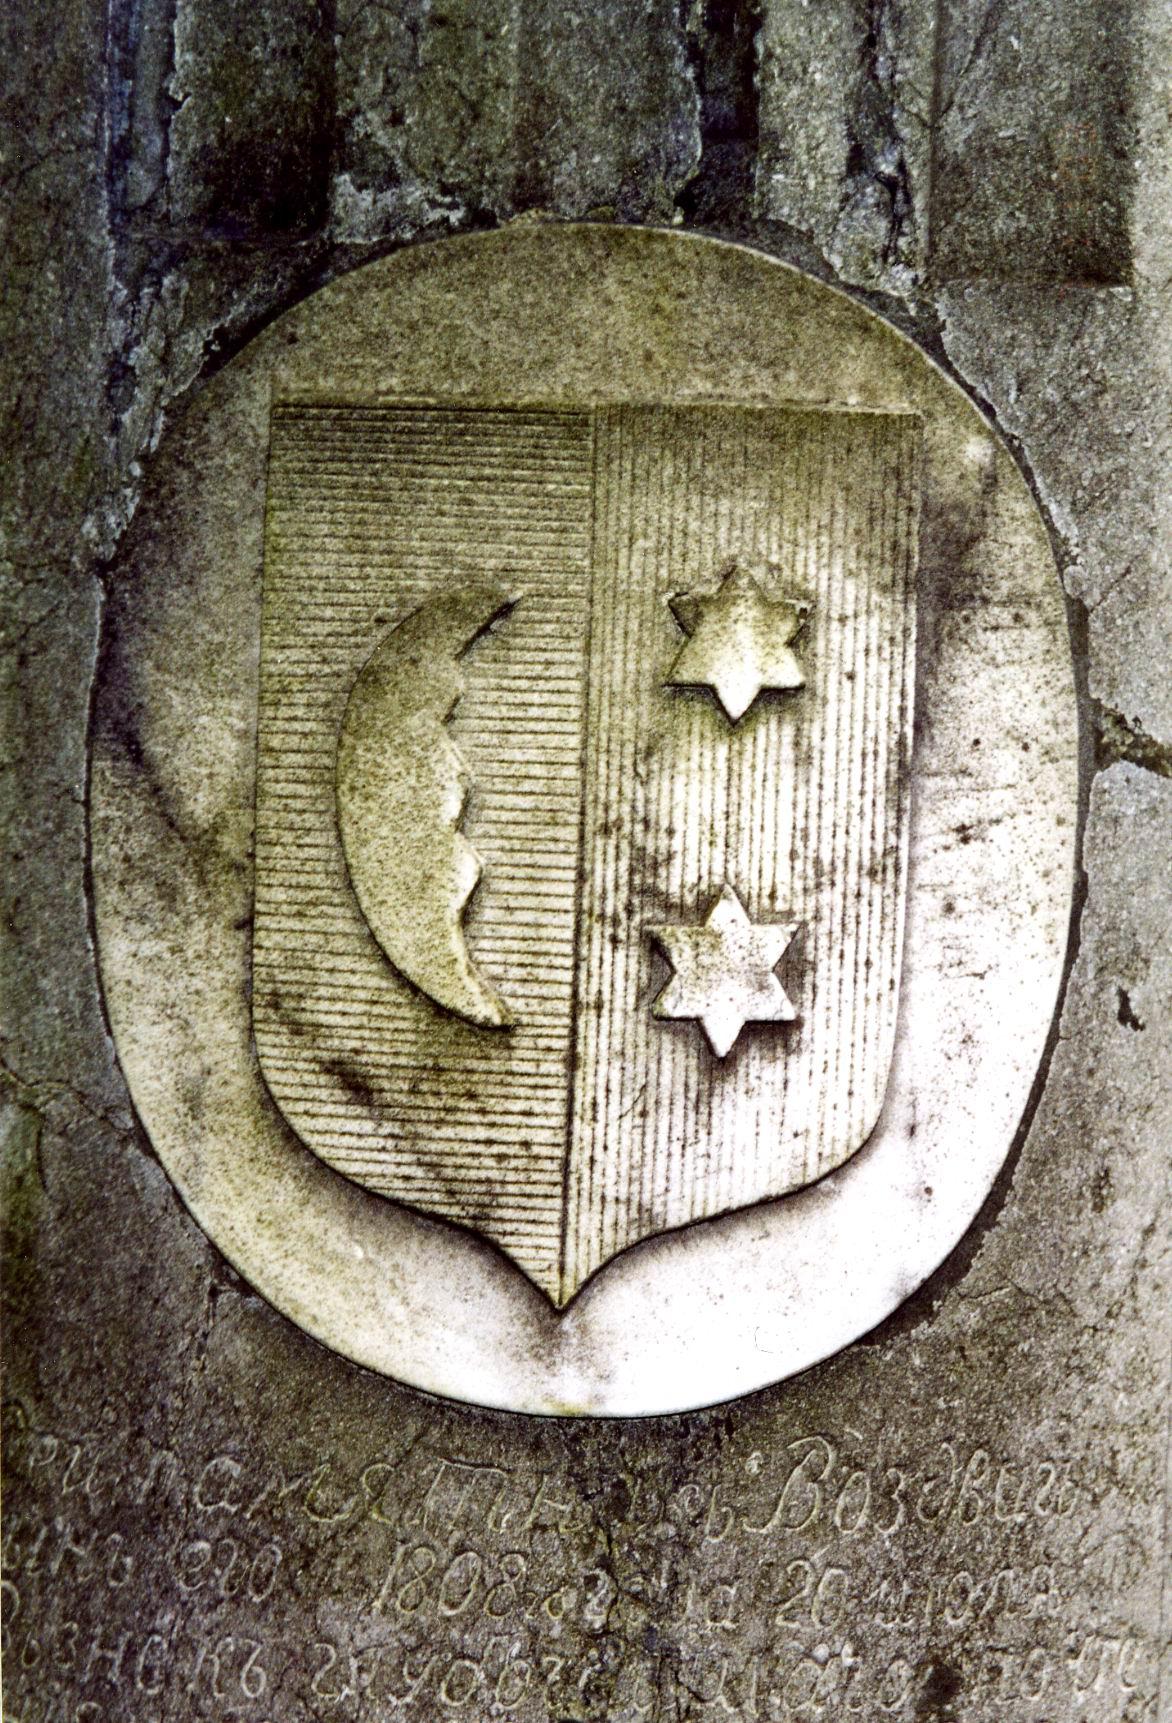 Западный герб из белого, мелко-, среднезернистого мрамора. Виден незначительный питтинг, колони водорослей и лишайников. Фото ноября 2003 г.